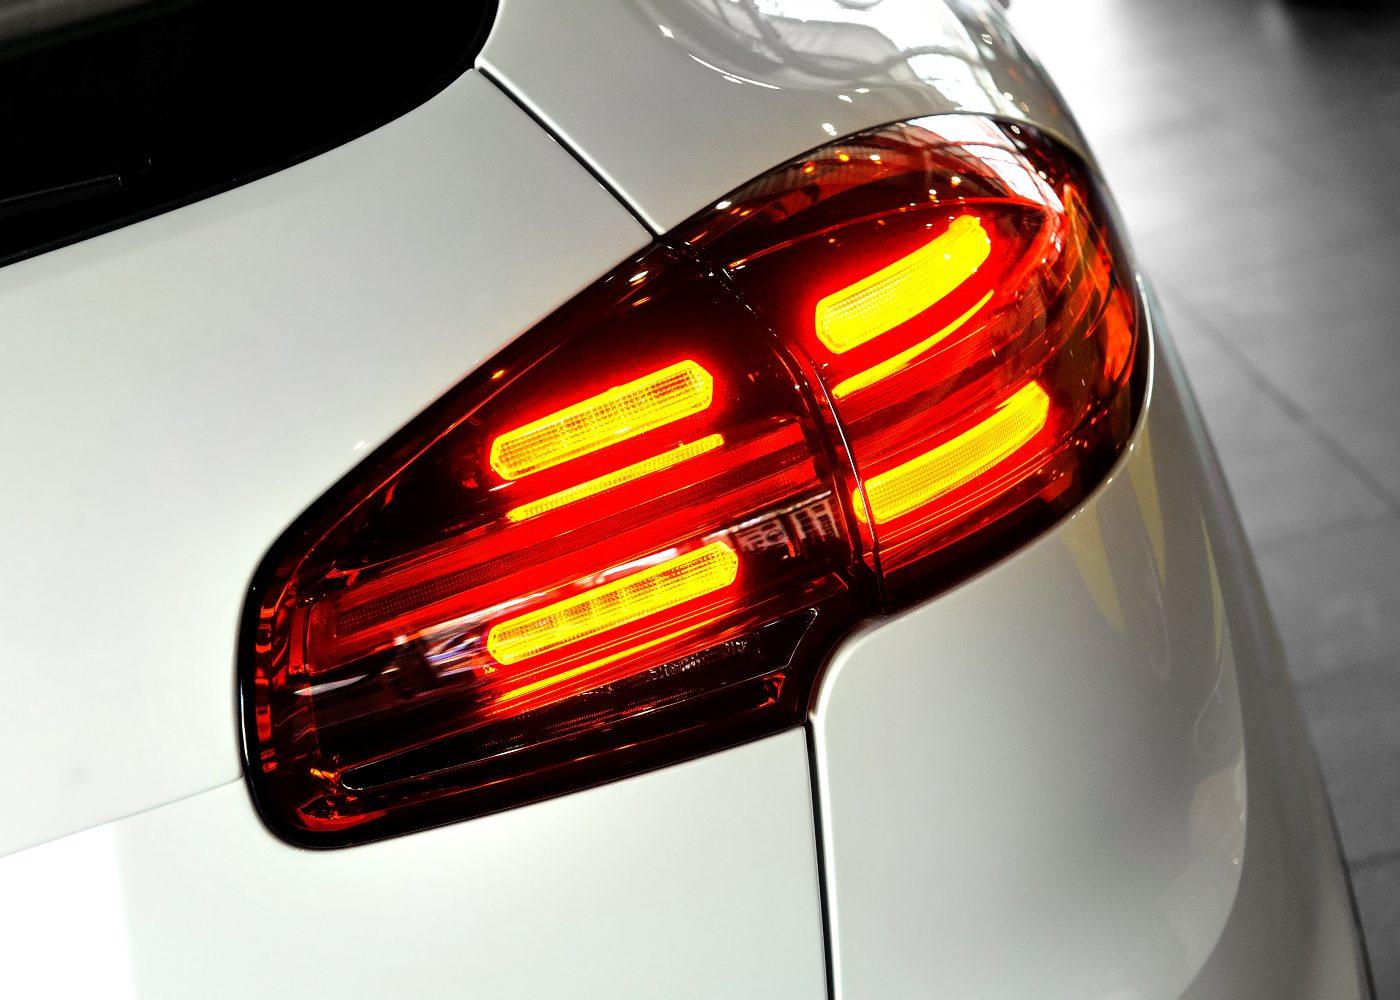 luzes traseiras de um carro